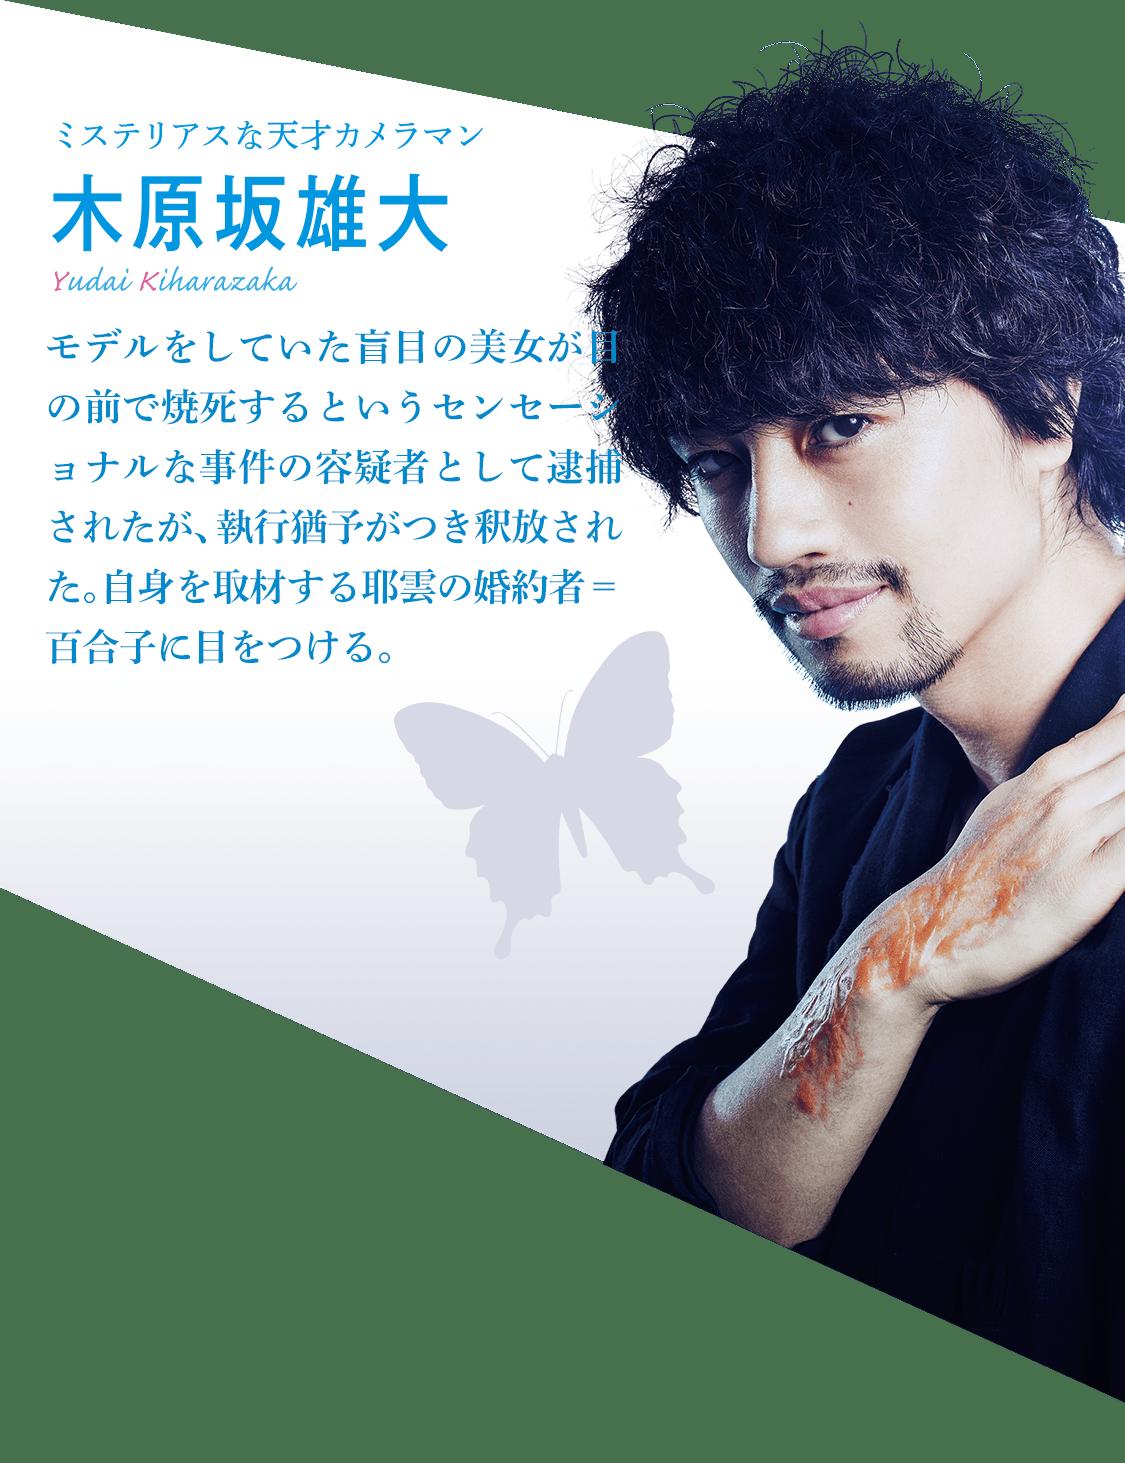 映画『去年の冬、きみと別れ』オ...